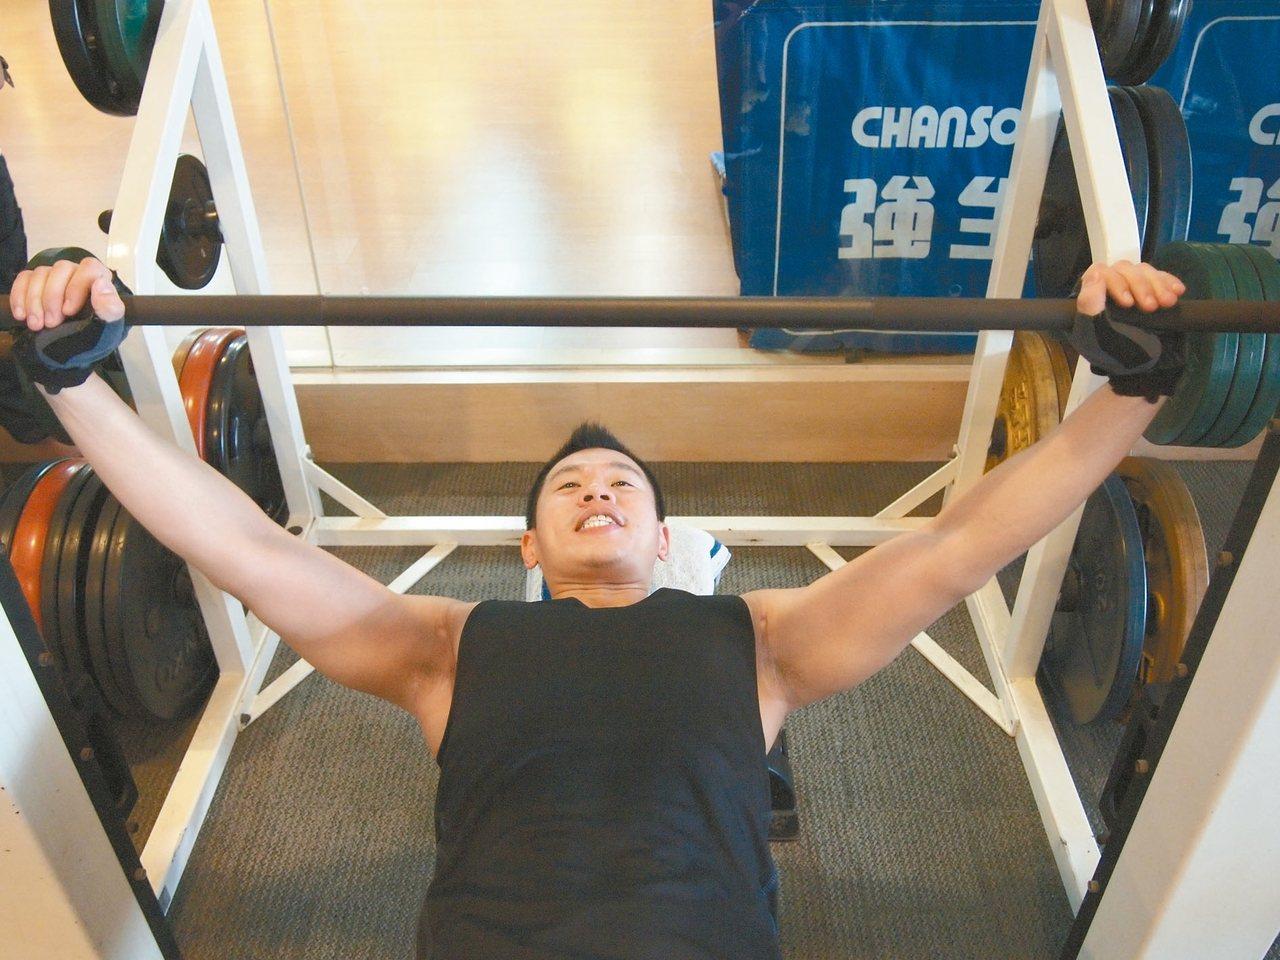 運動前後要吃對食物,才能有效達到減重、增強肌耐力及心肺功能。 記者李樹人/攝影